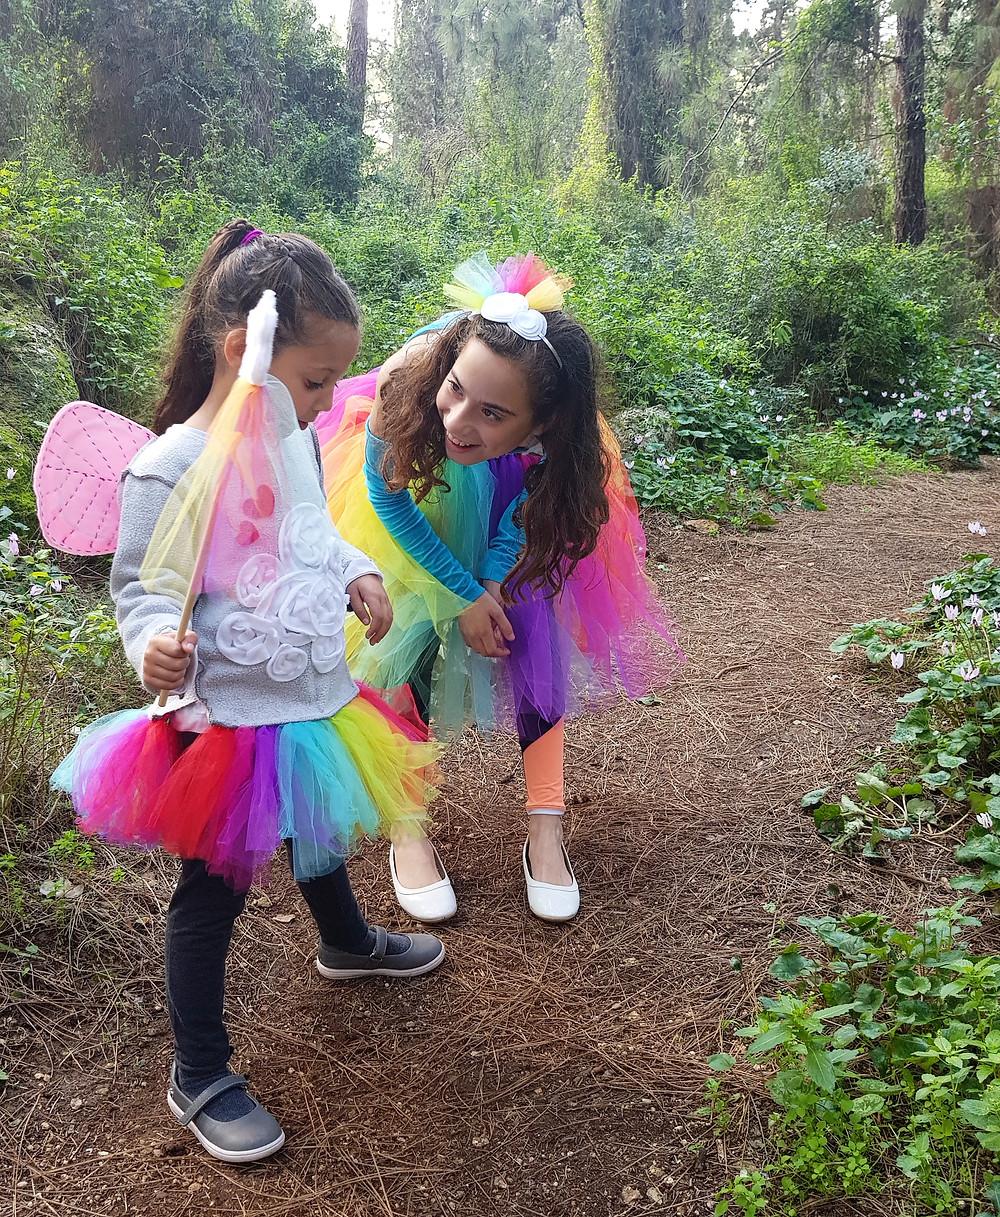 הפיות יוצאות לטייל ביער